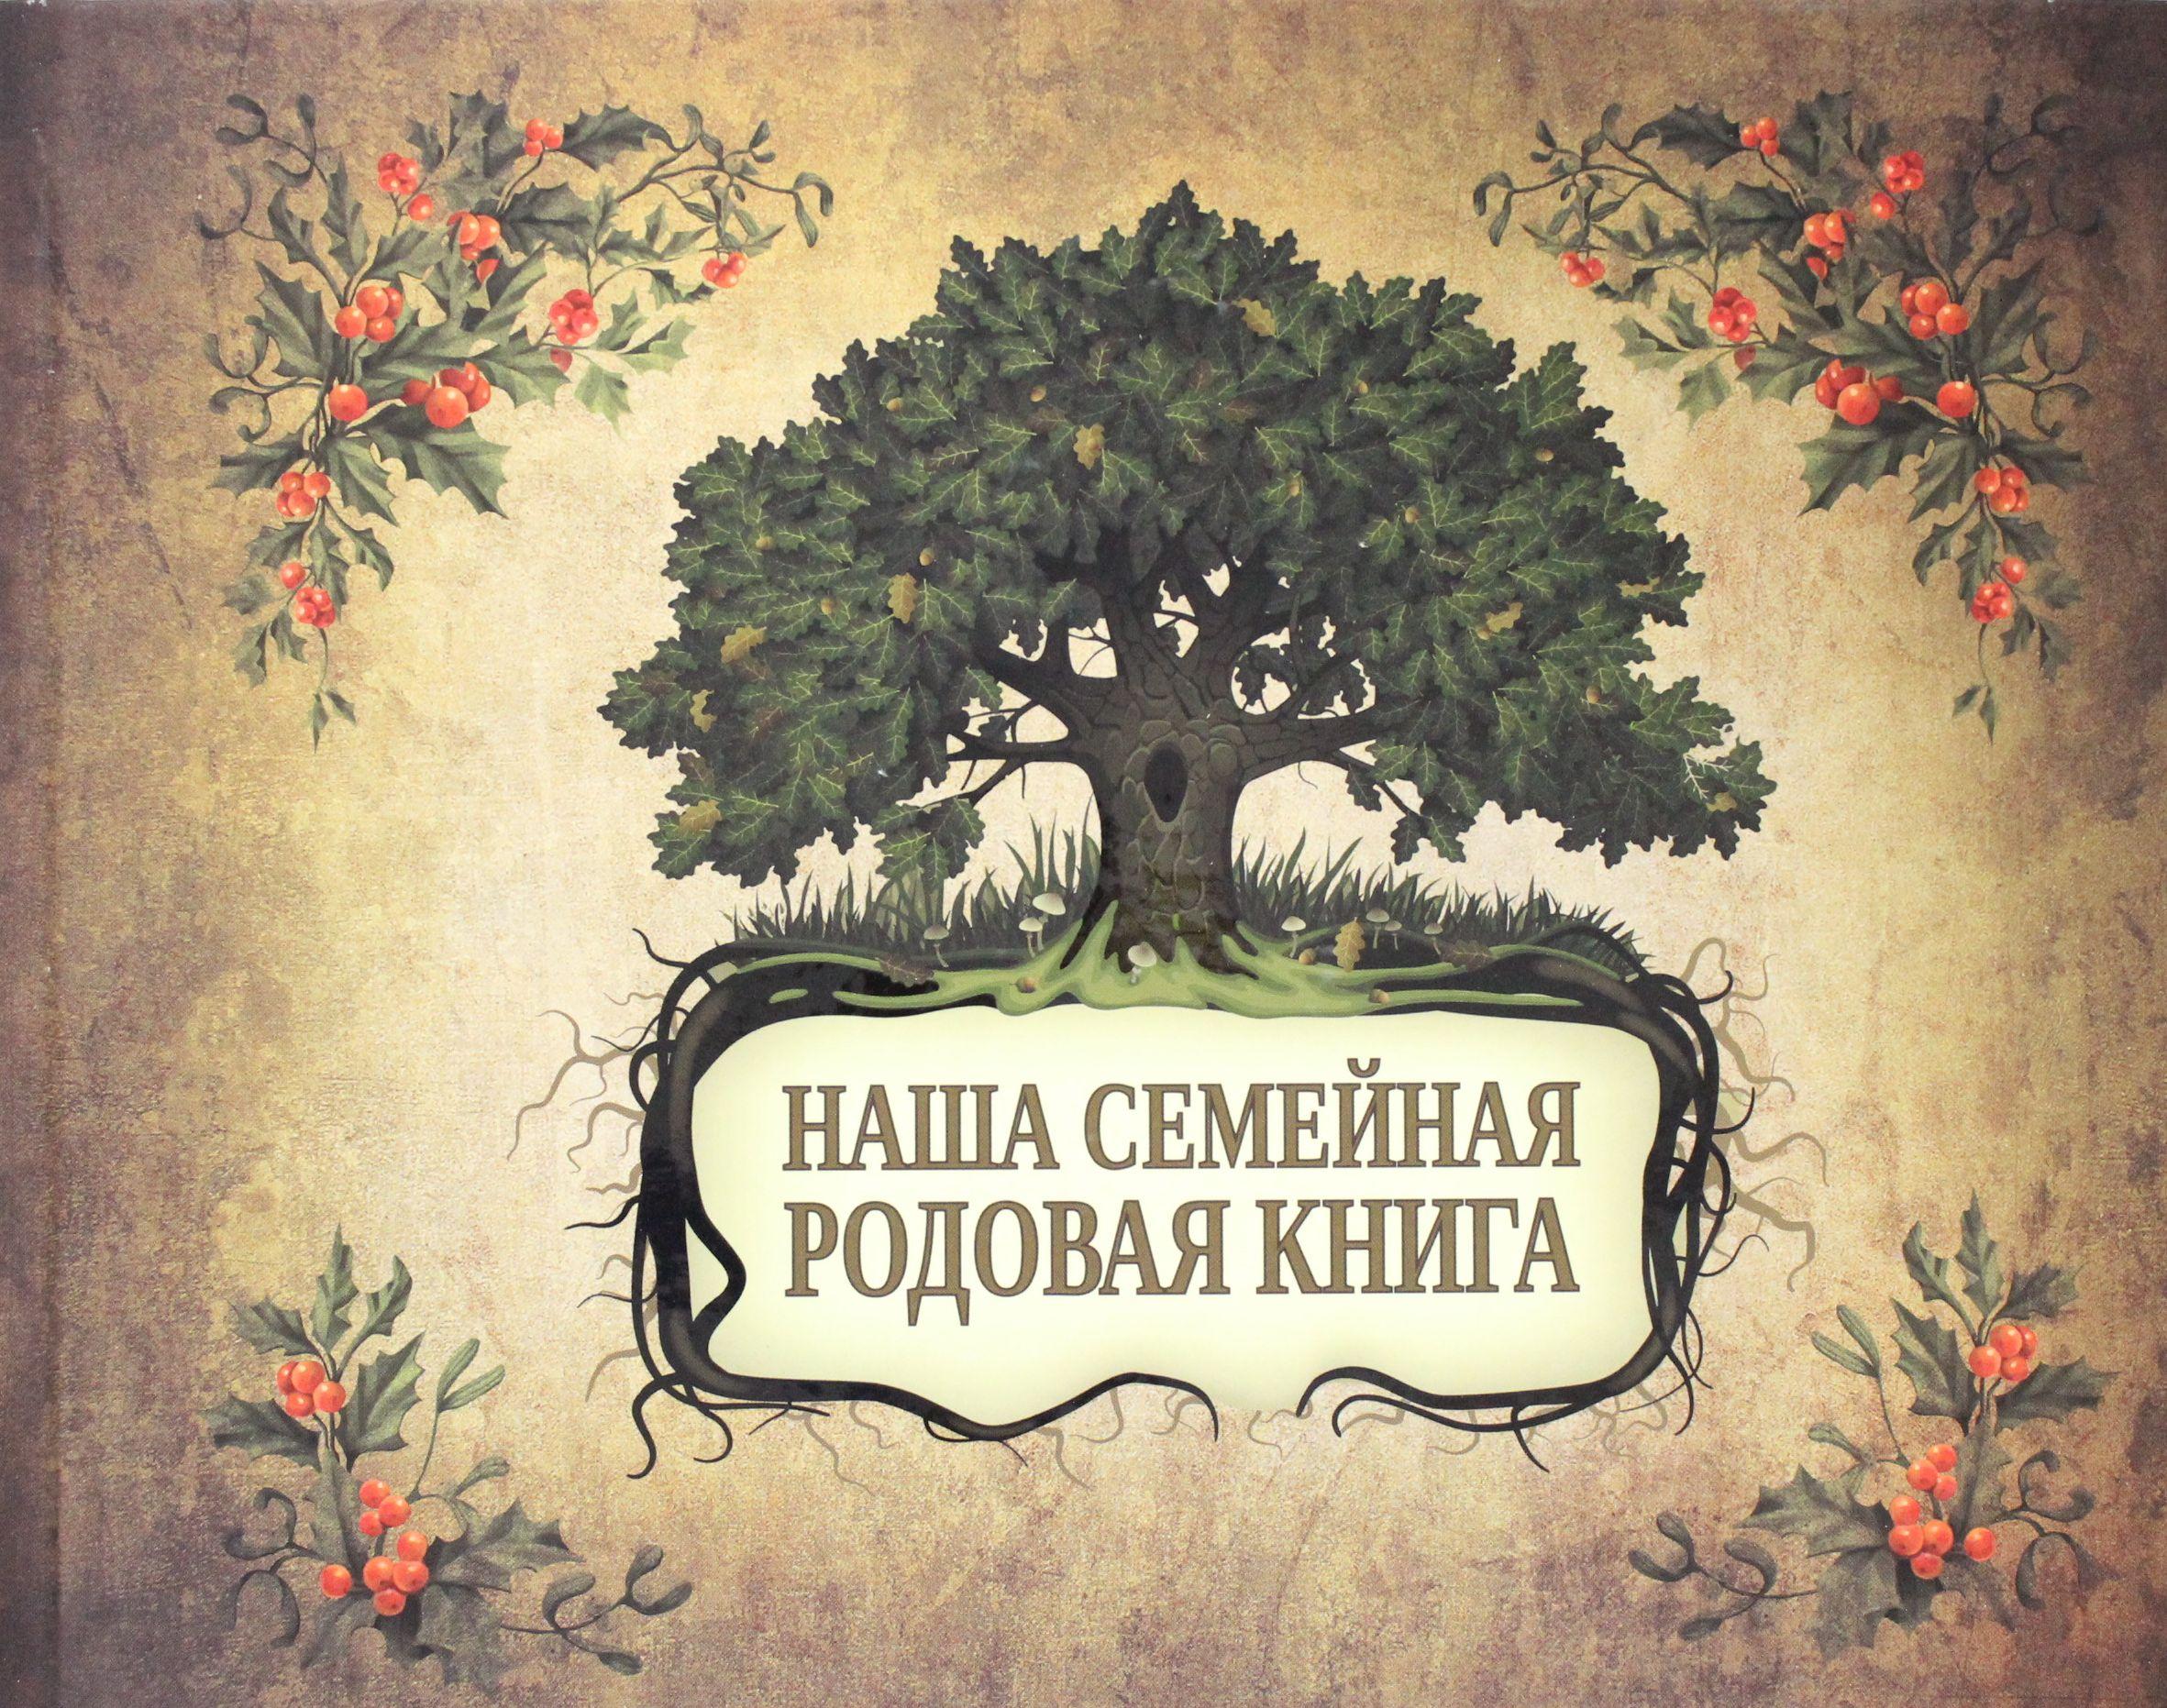 Nasha semejnaja rodovaja kniga